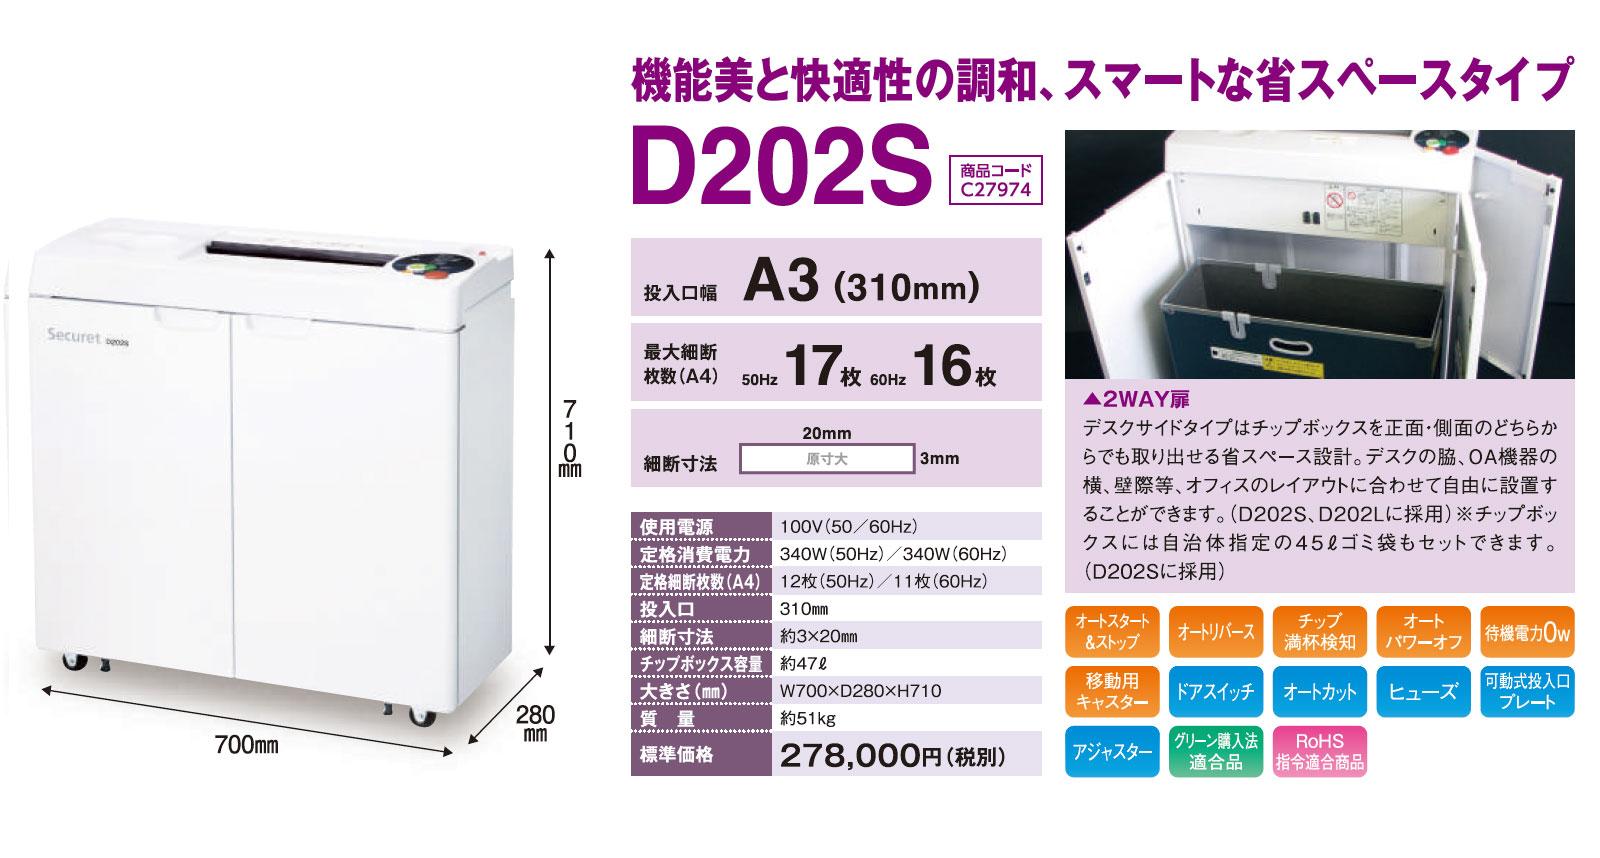 石澤製作所 セキュレットシュレッダD202S